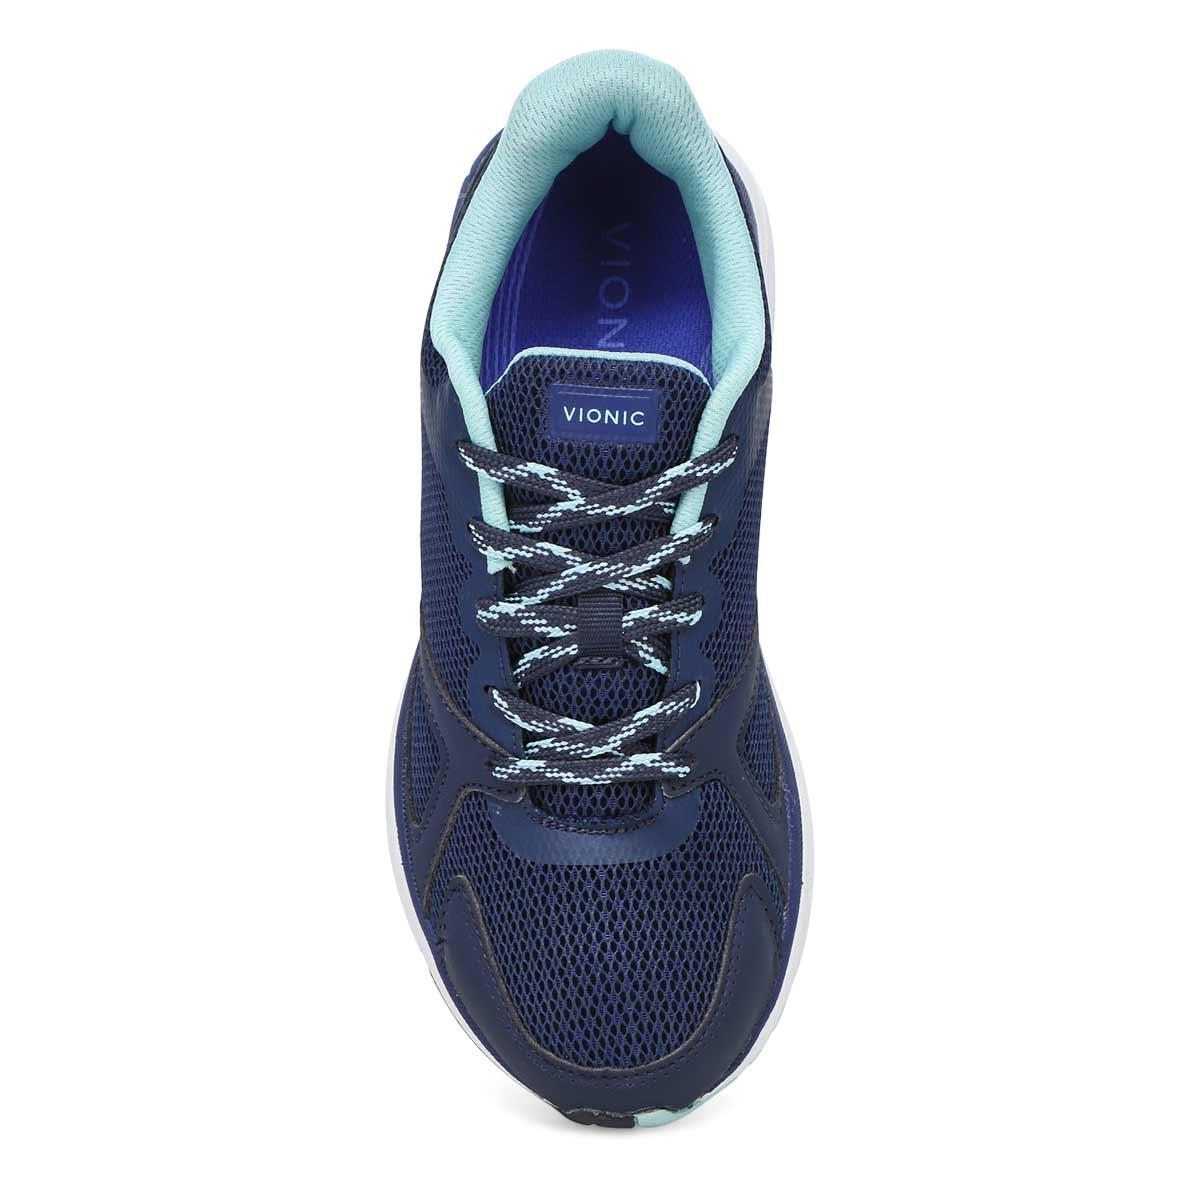 Chaussures de course TOKYO, bleu marine, femmes